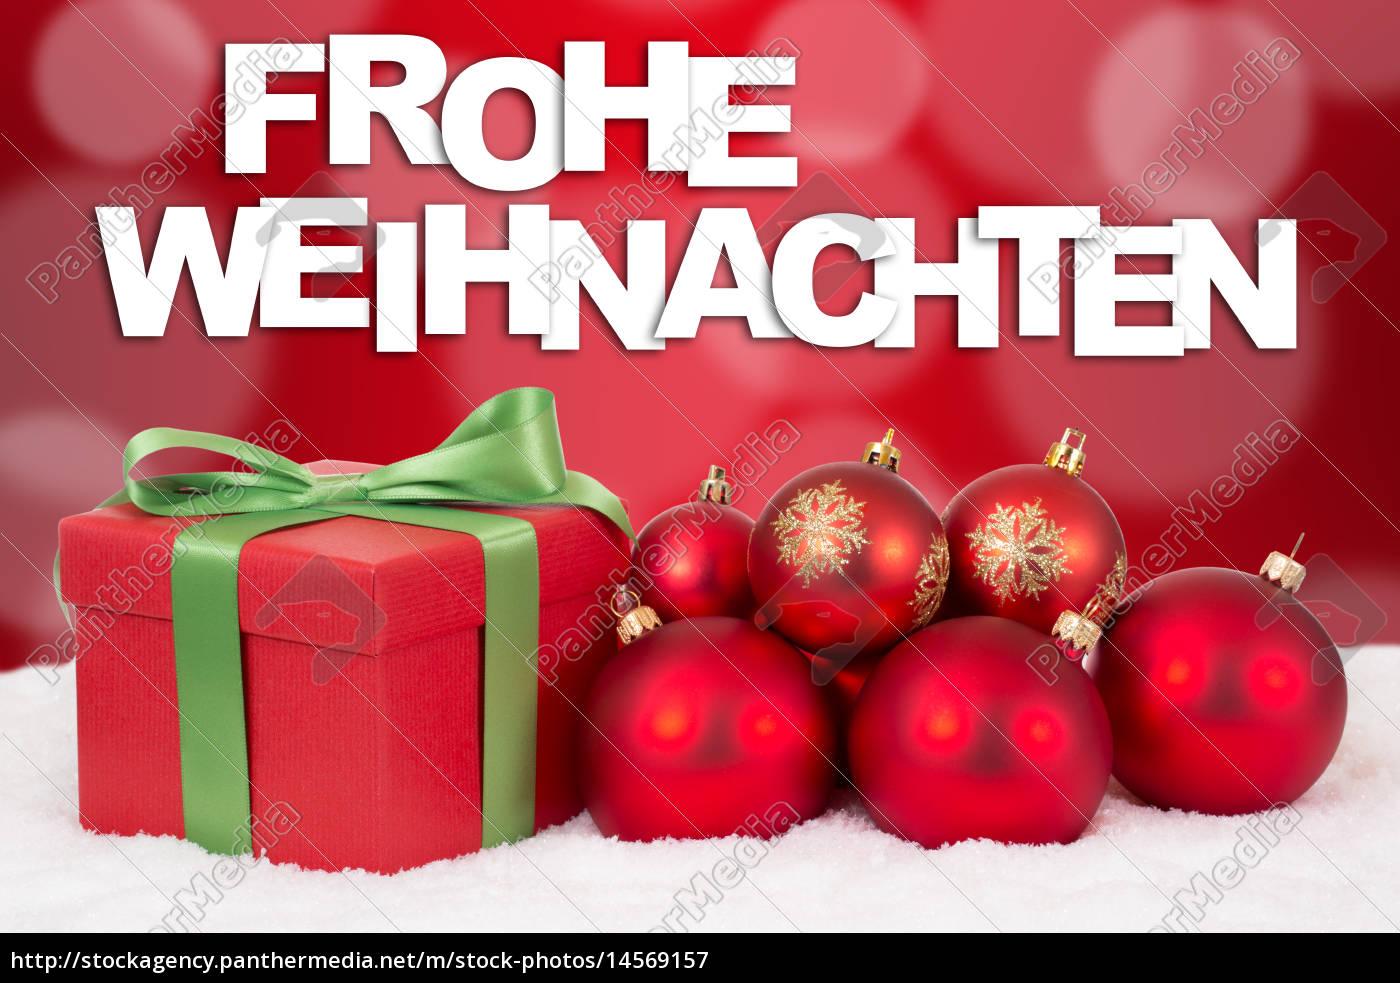 Frohe Weihnachten In Bildern.Lizenzfreies Bild 14569157 Frohe Weihnachten Weihnachtskarte Weihnachtsgeschenke Geschenke